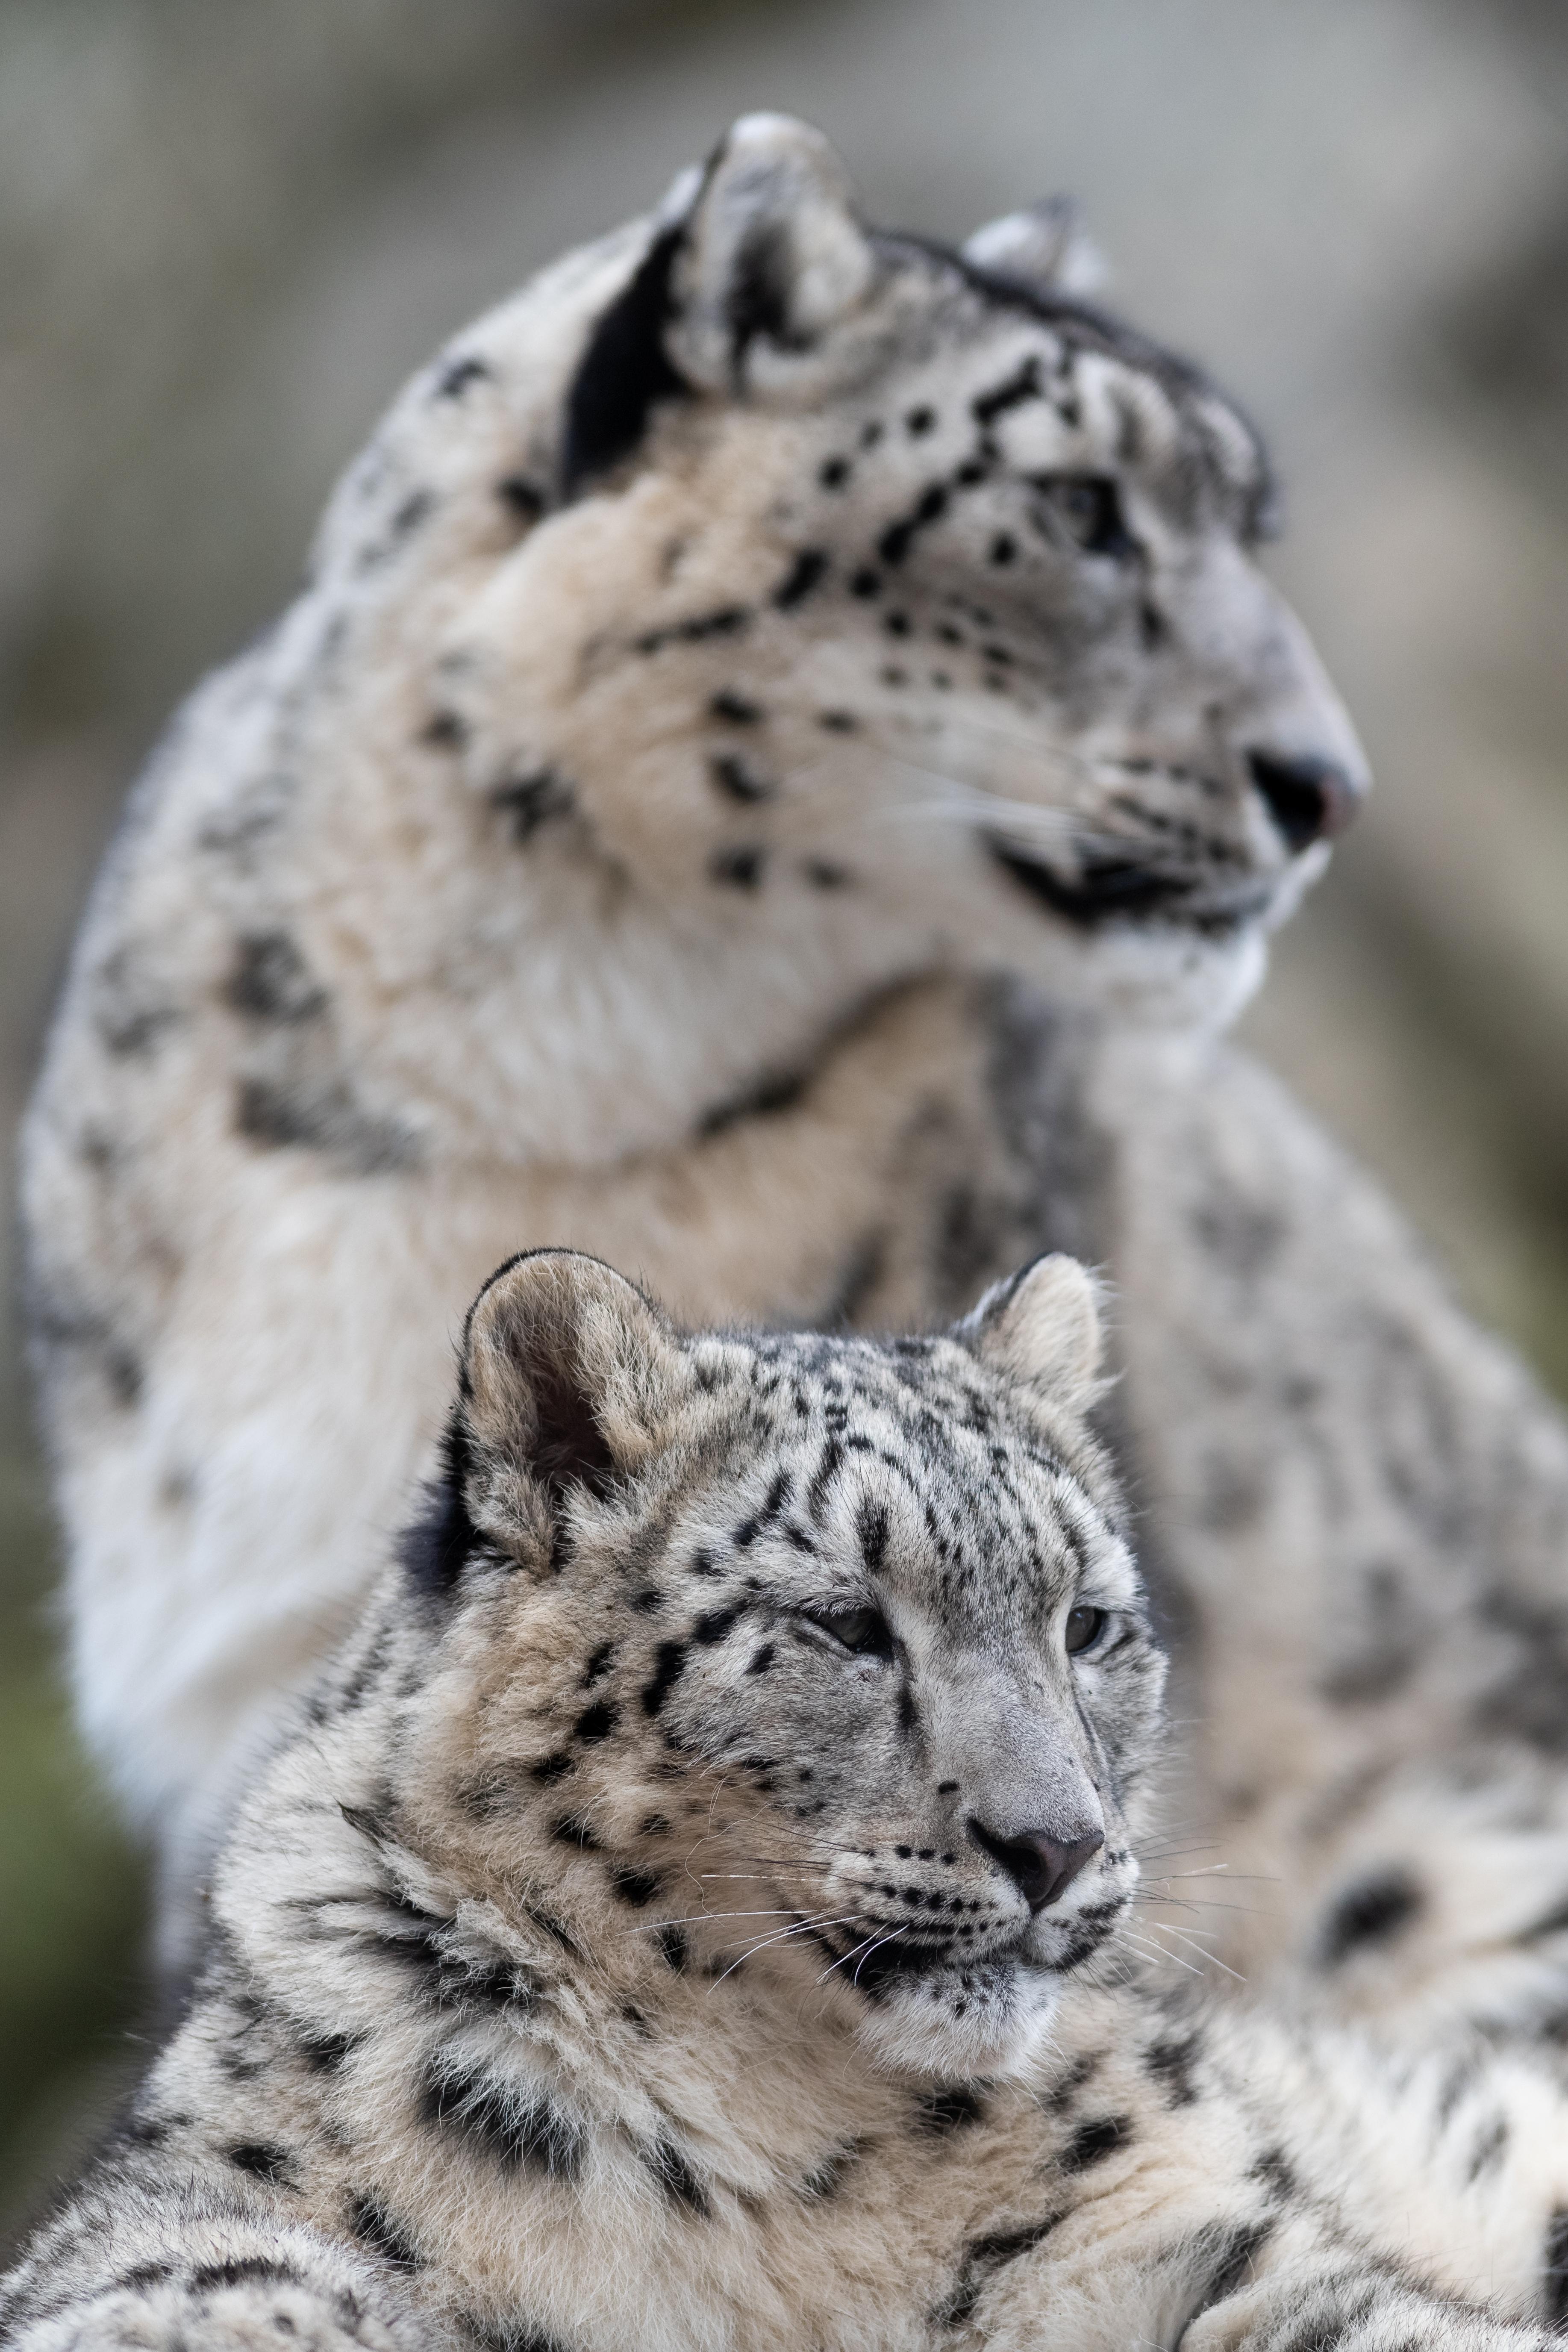 131686 скачать обои Животные, Снежный Леопард, Барс, Леопард, Хищник, Большая Кошка, Дикая Природа - заставки и картинки бесплатно